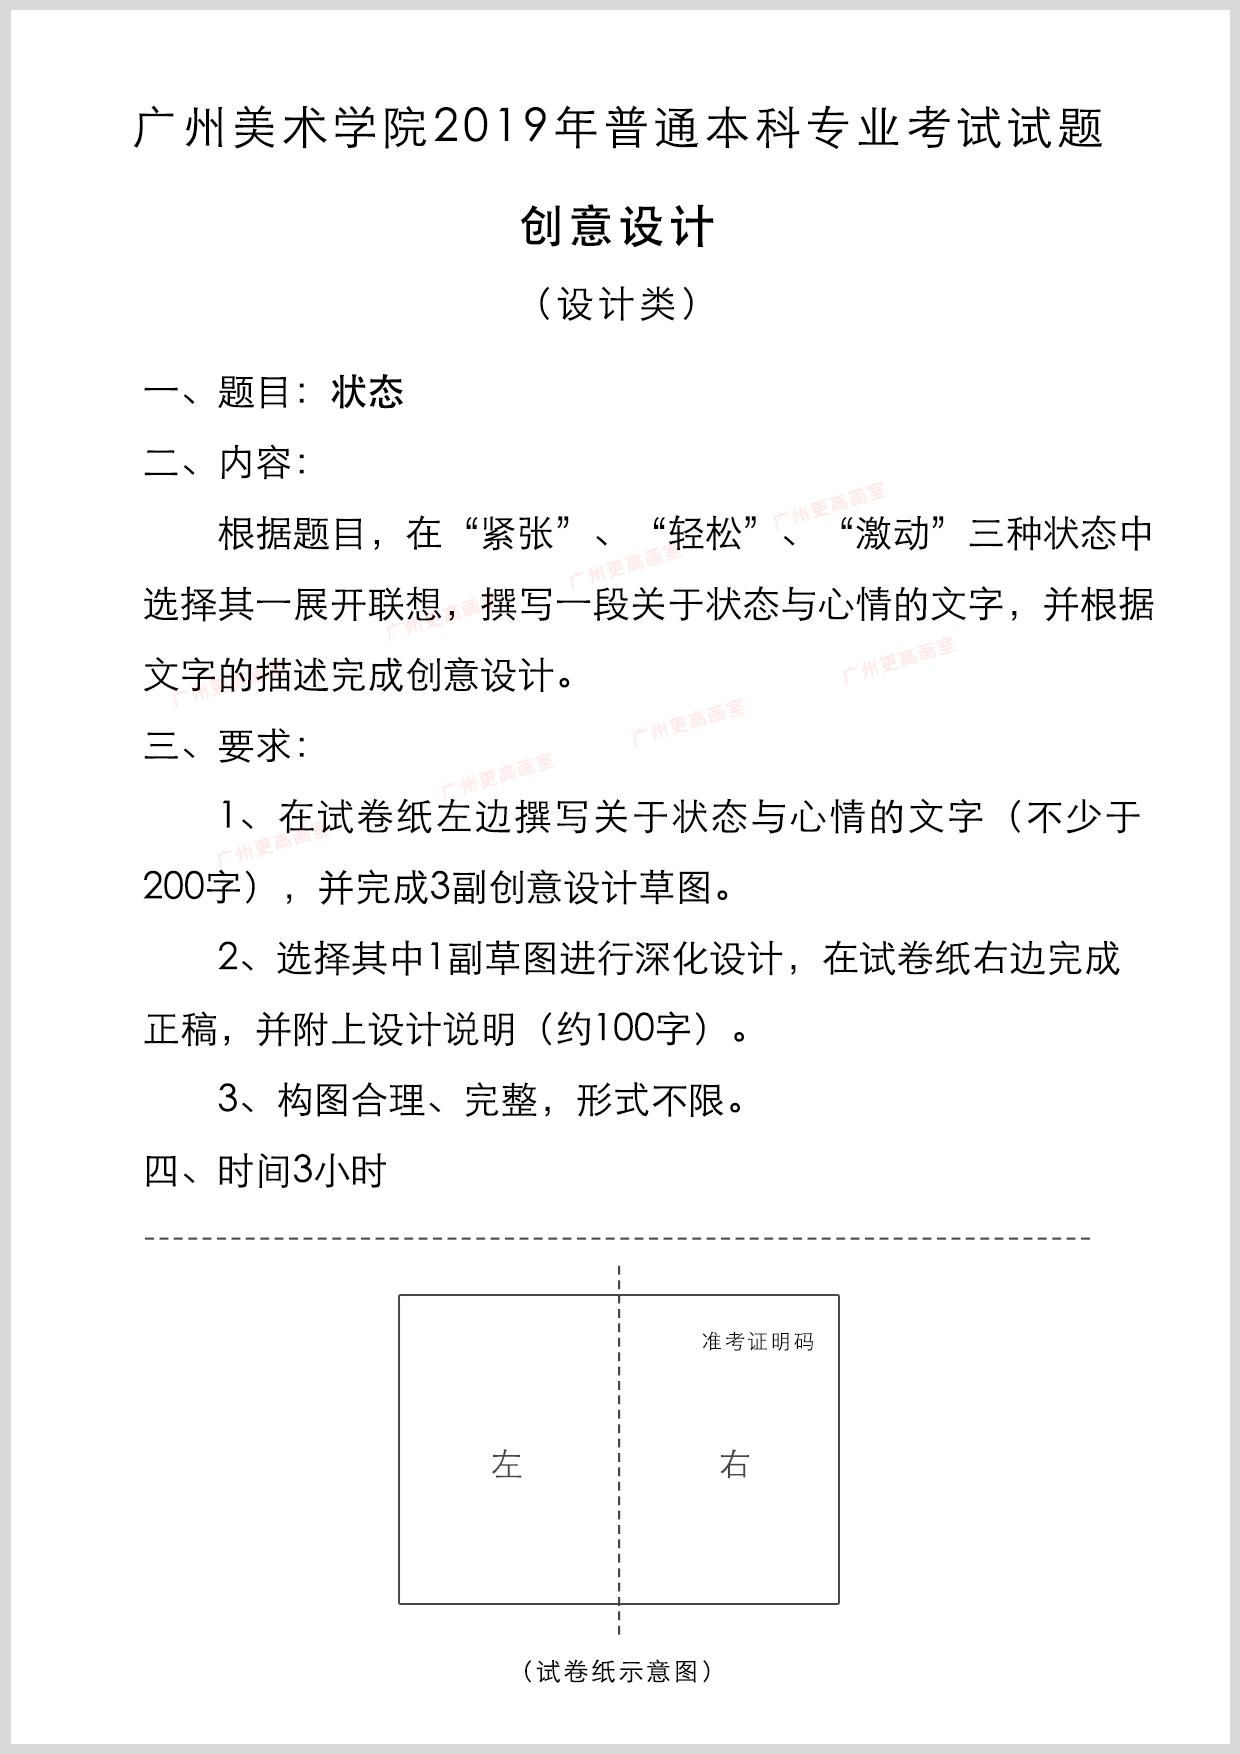 廣東設計.jpg